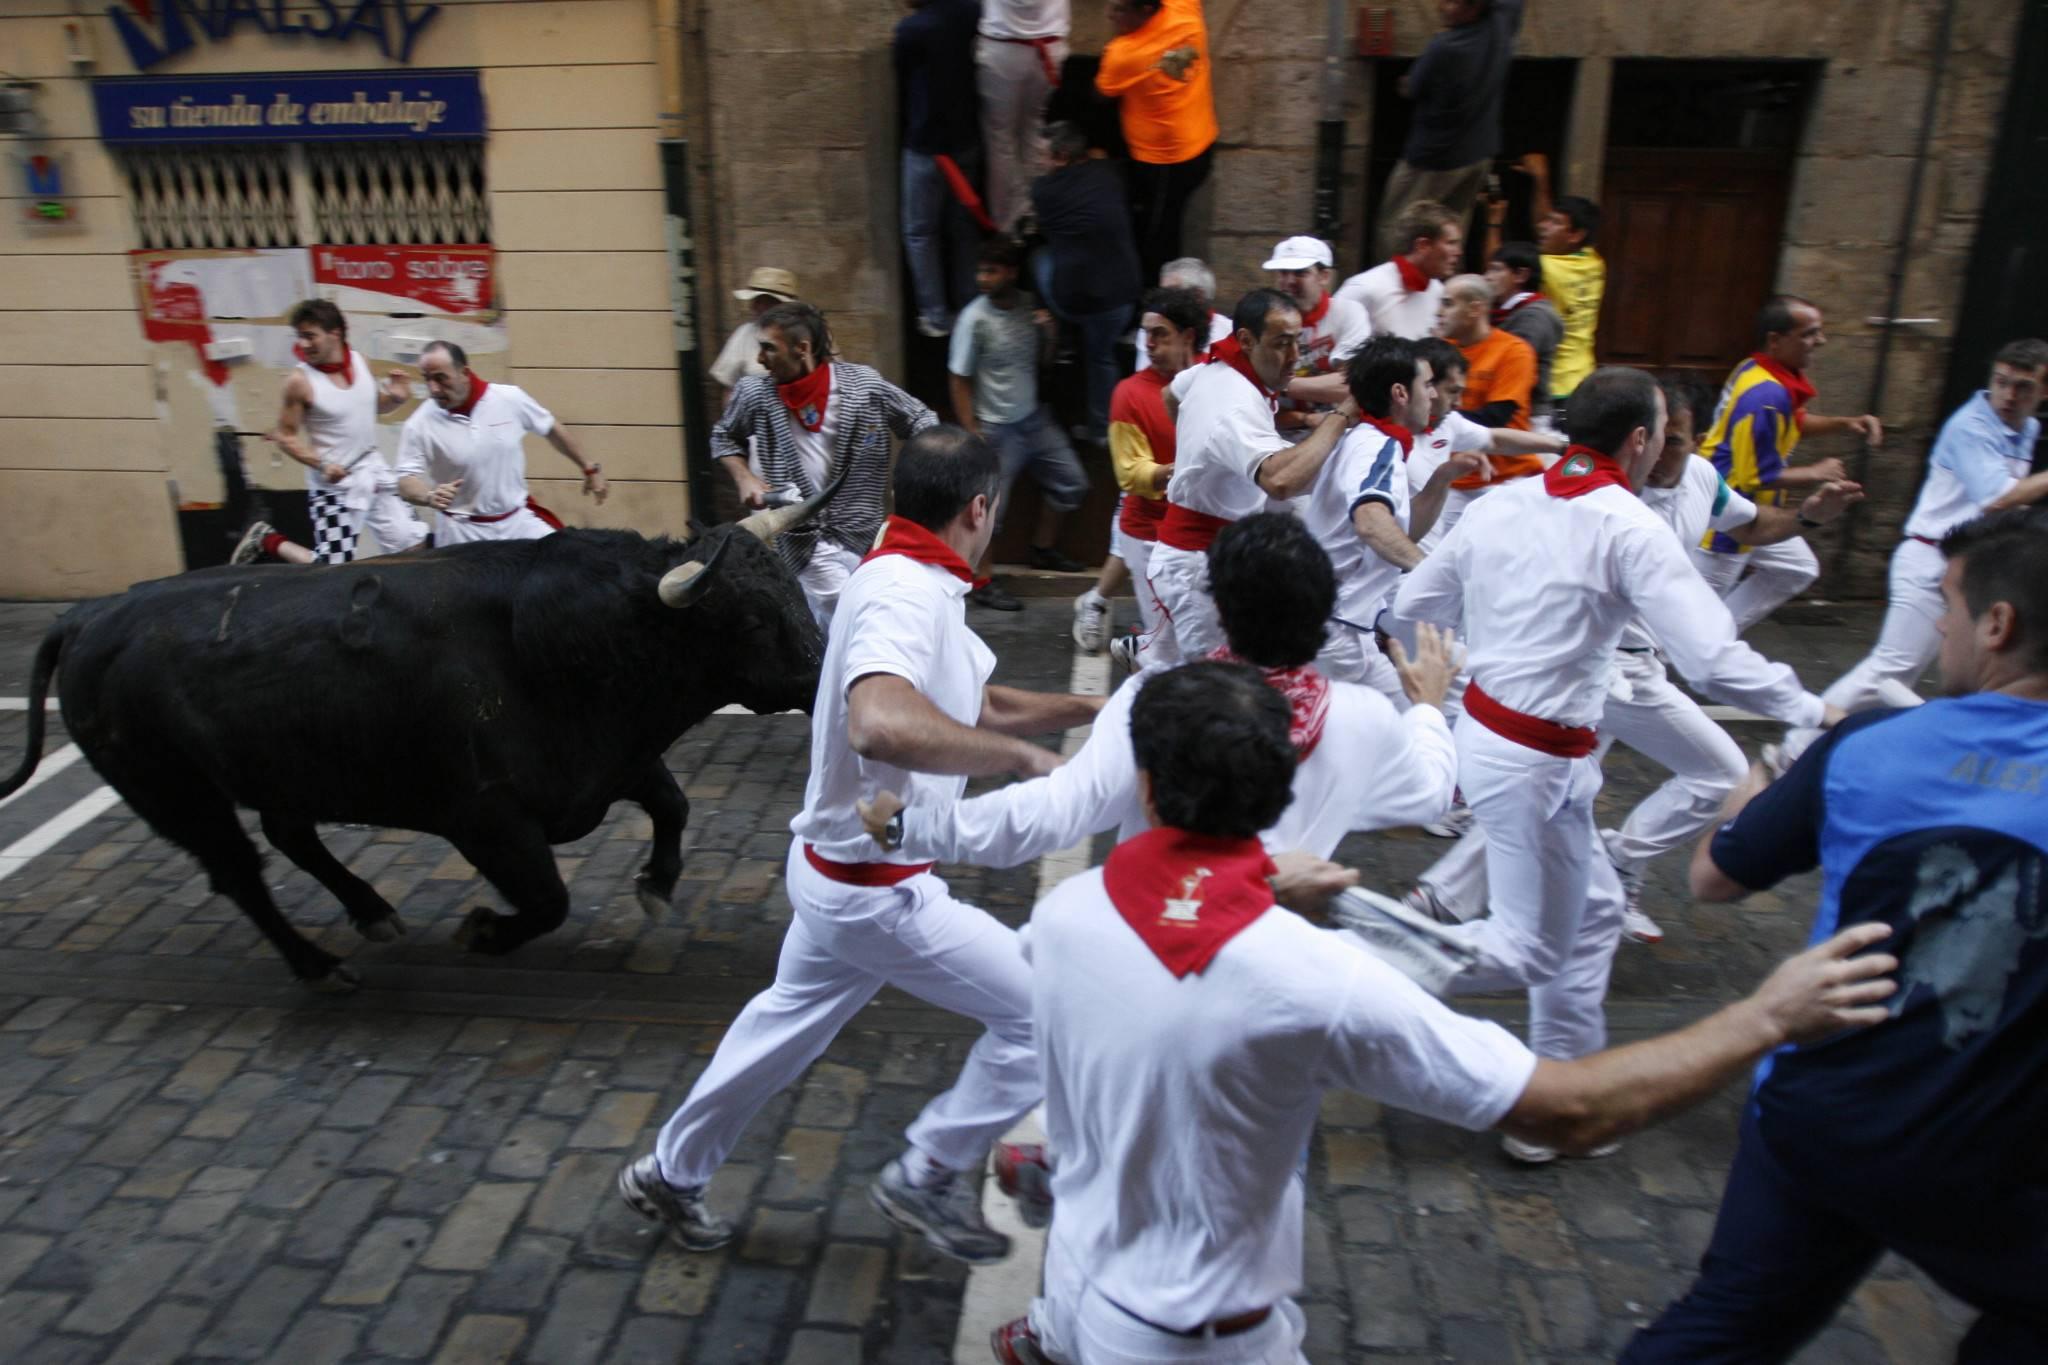 Самые популярные праздники испании. испания по-русски - все о жизни в испании